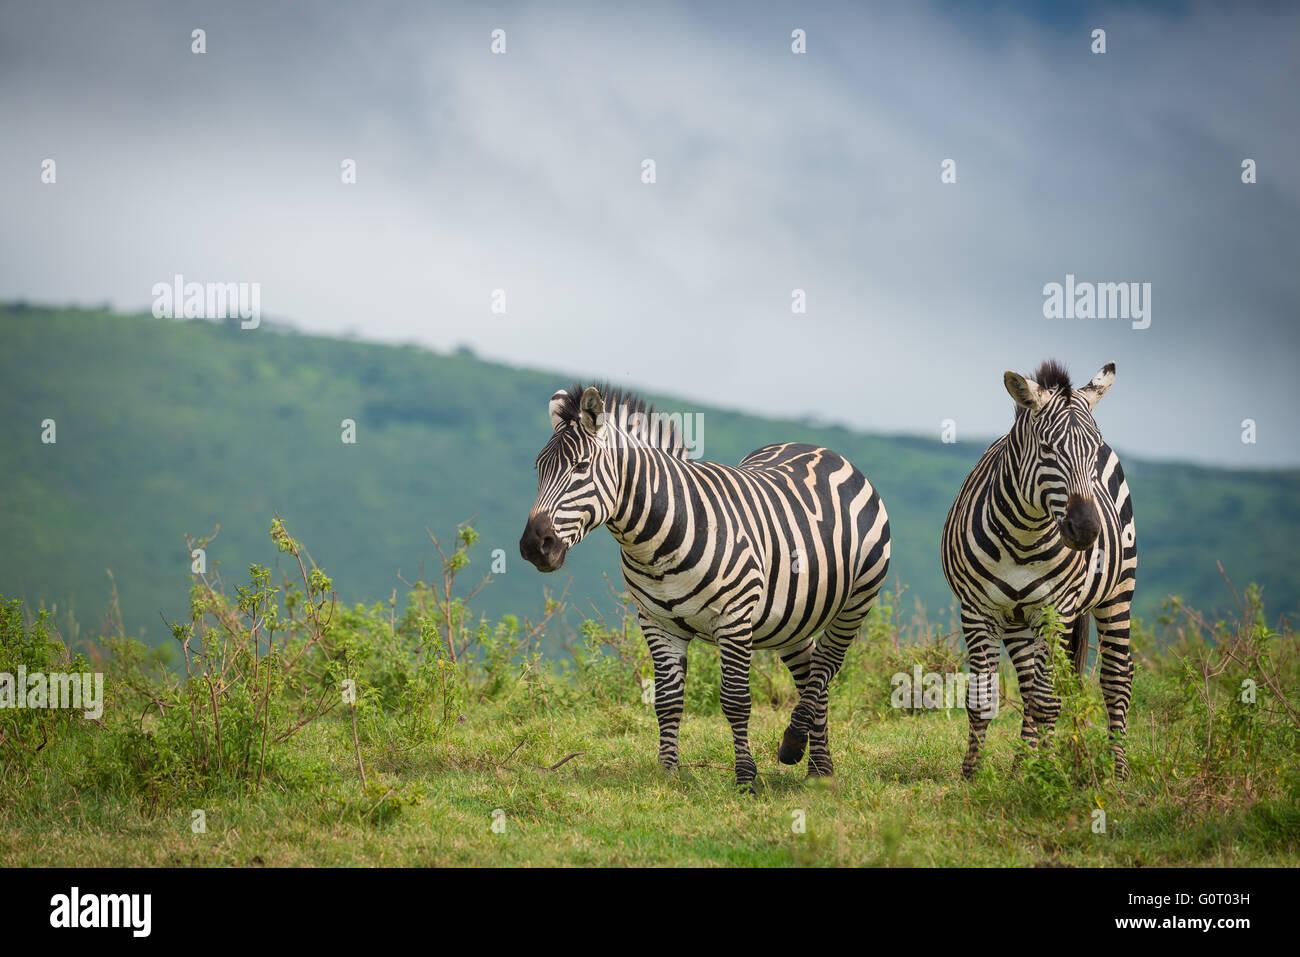 Zebre selvatiche a piedi attraverso le fertili pianure del cratere di Ngorongoro in Tanzania Africa orientale Immagini Stock